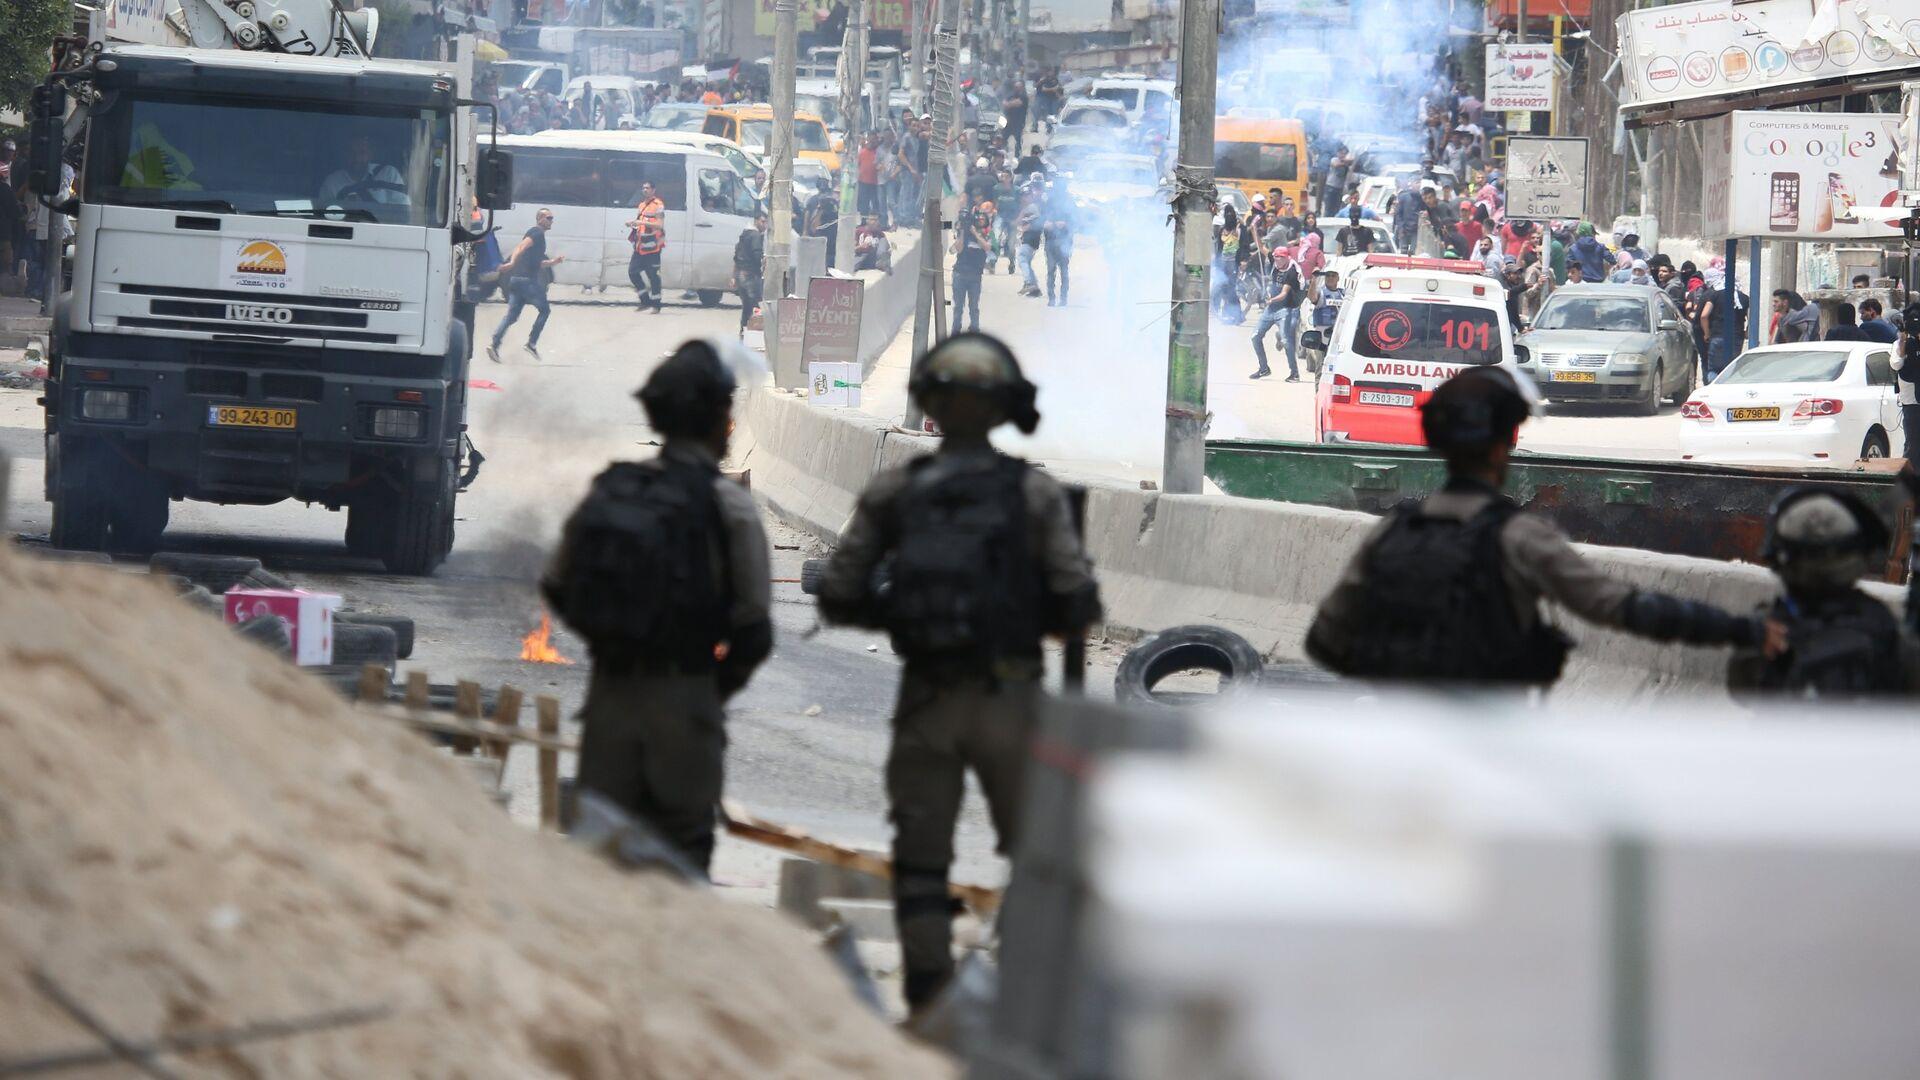 Уличные протесты в Палестине против переноса посольства США в Иерусалим. 14 мая 2018 - РИА Новости, 1920, 06.02.2020